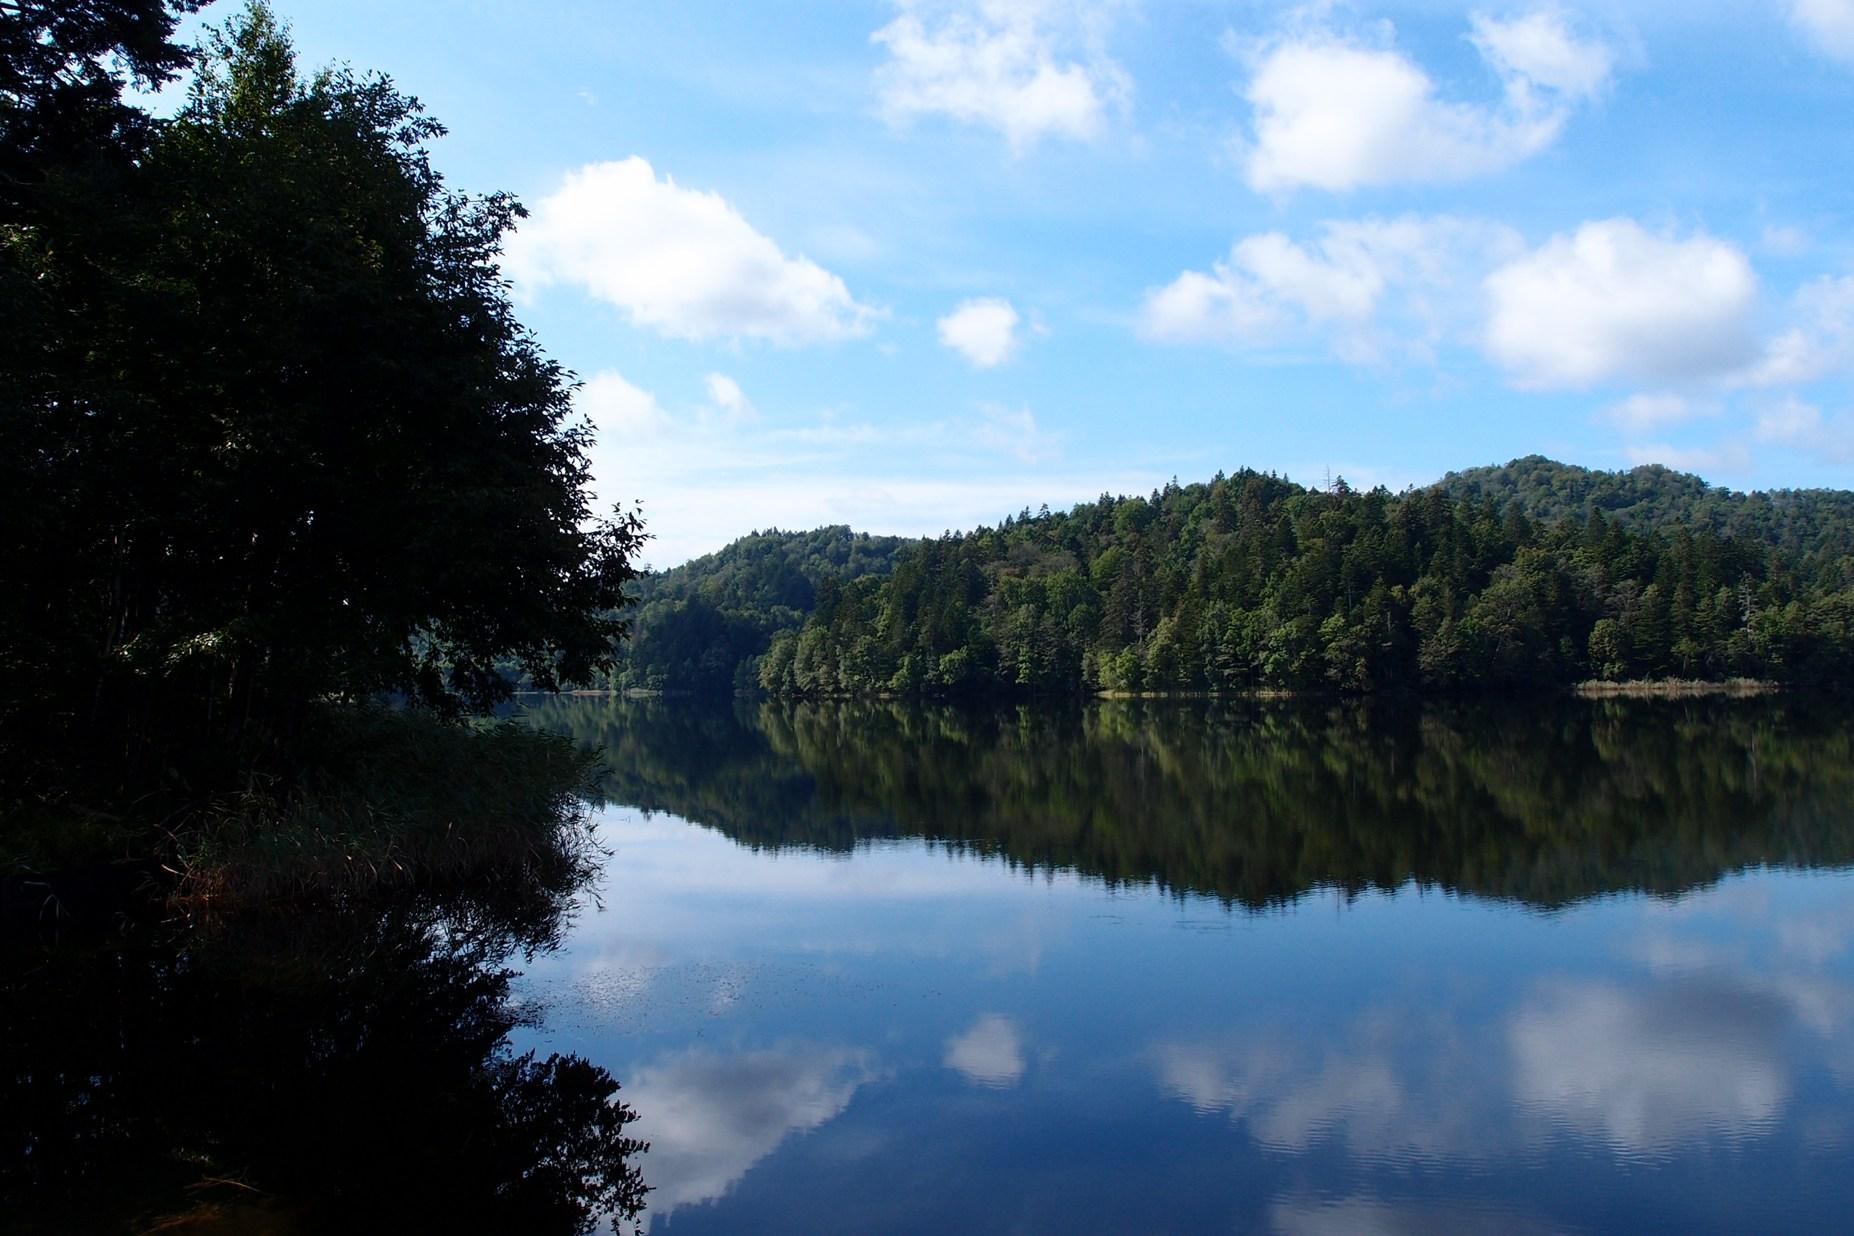 必要最少限のキッチン〜北海道湖畔キャンプ_a0116902_22541437.jpg